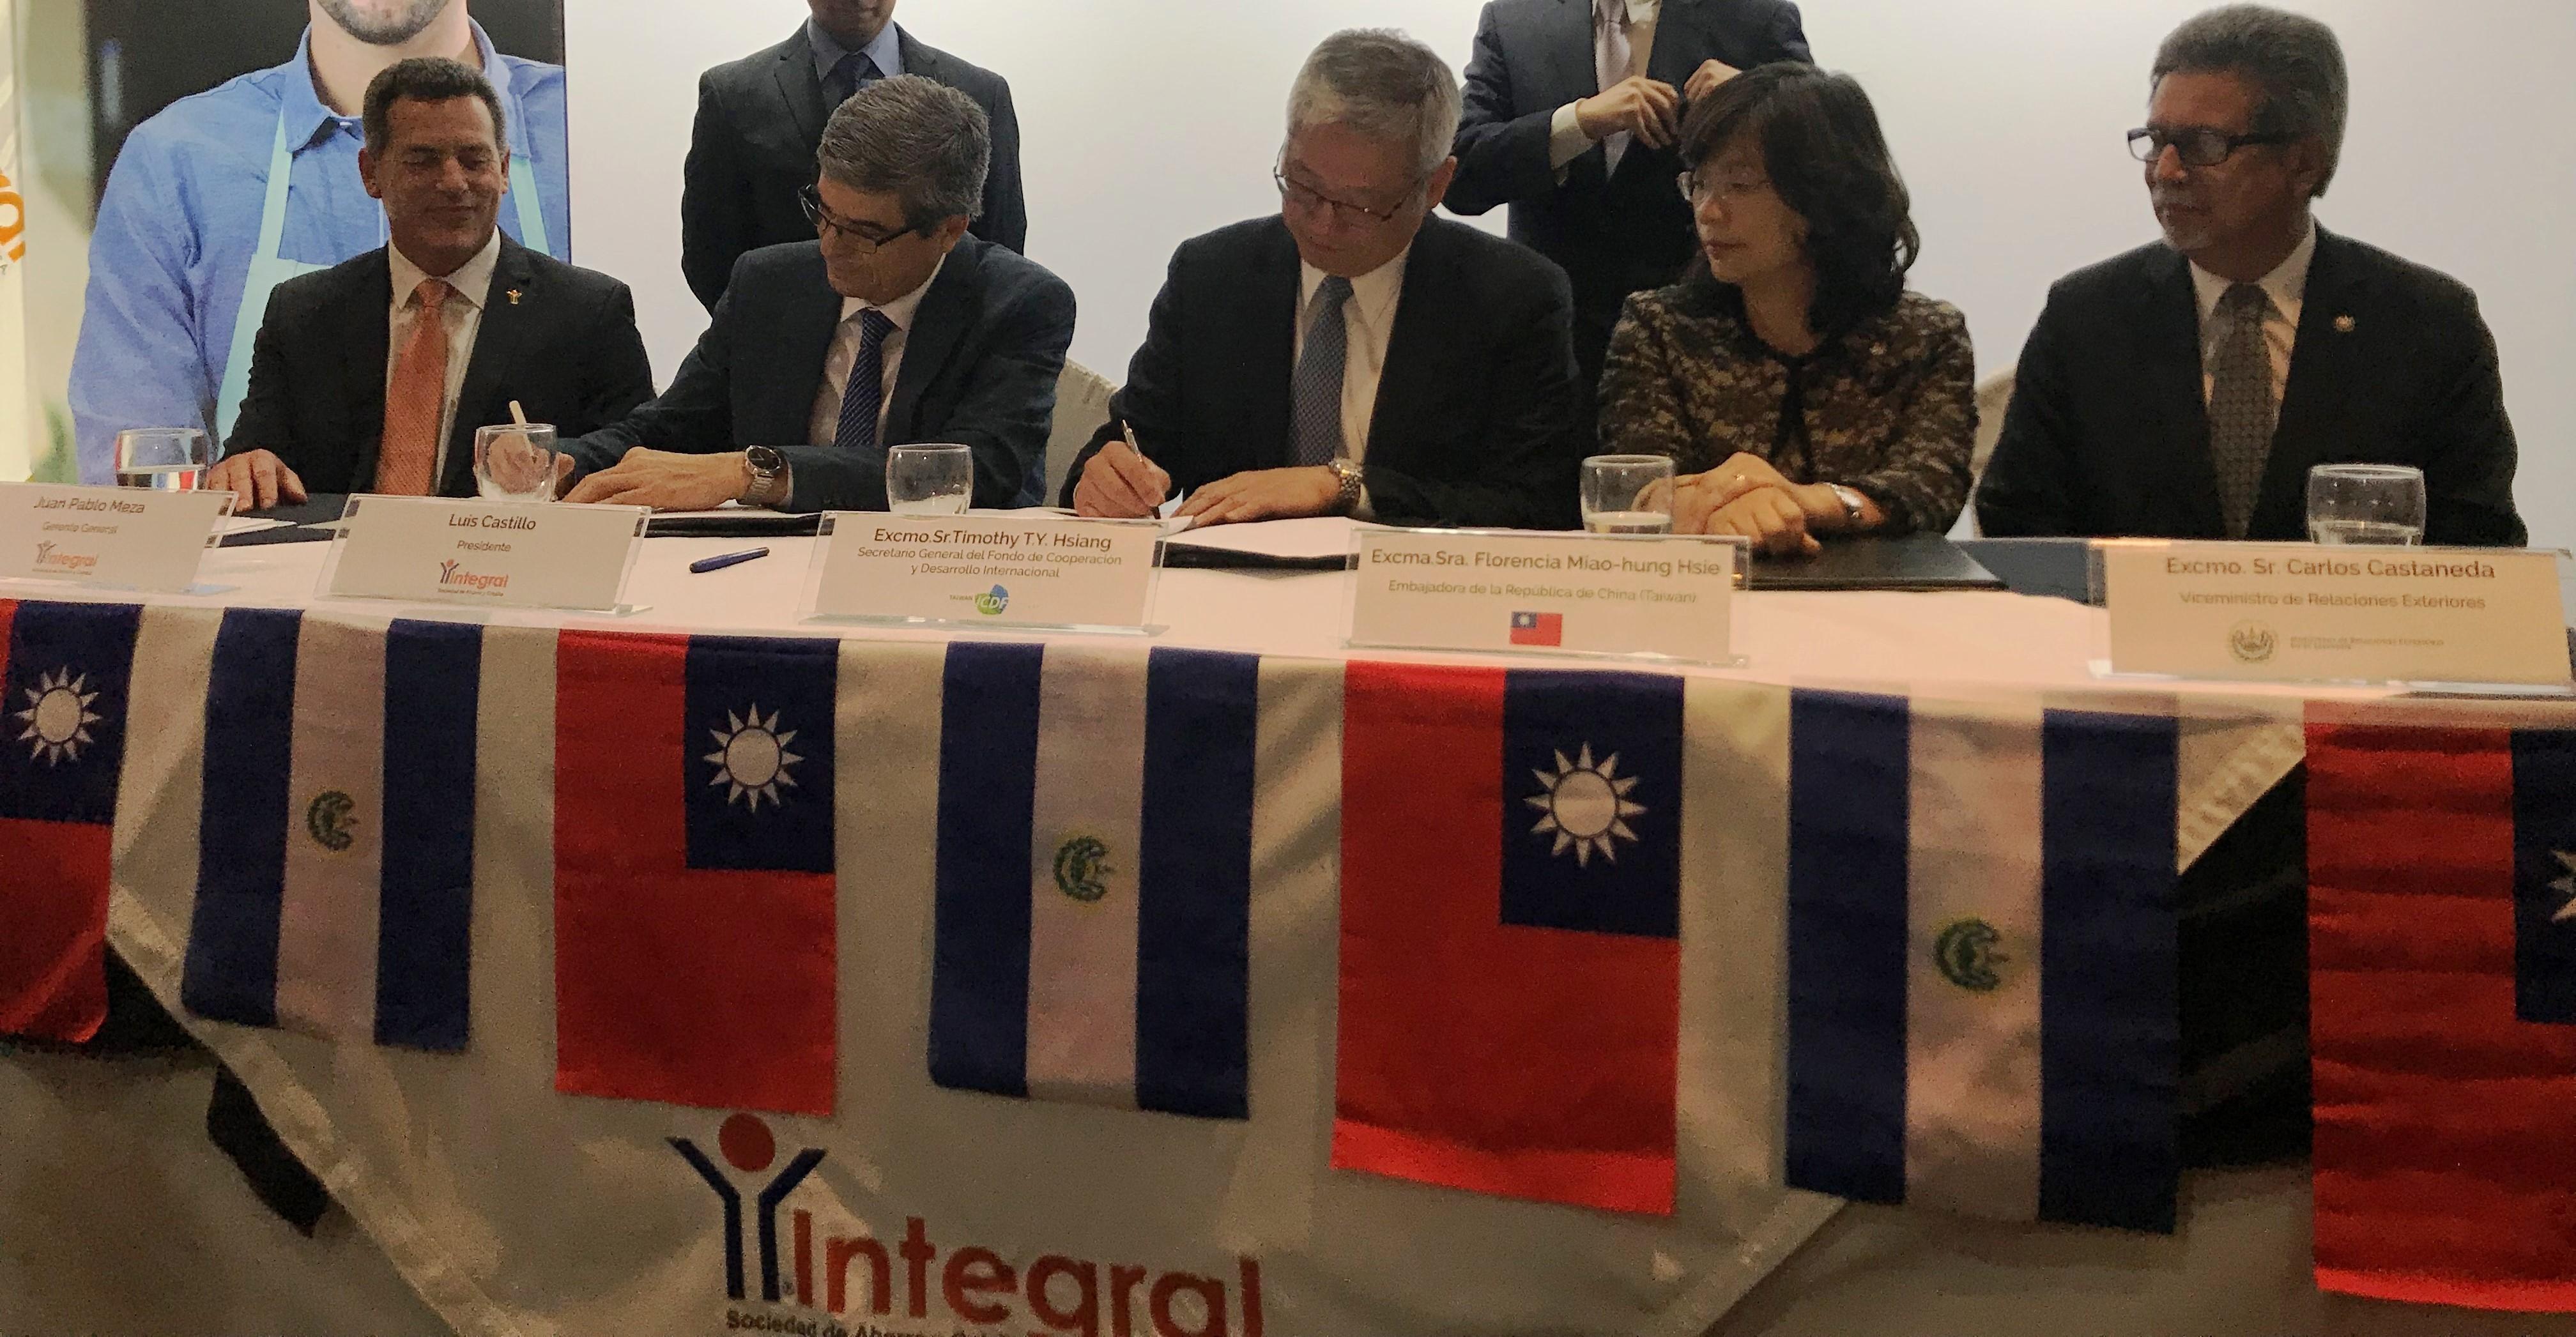 Taiwán ICDF e Integral firman Memorándum de Entendimiento para propiciar créditos a mypes